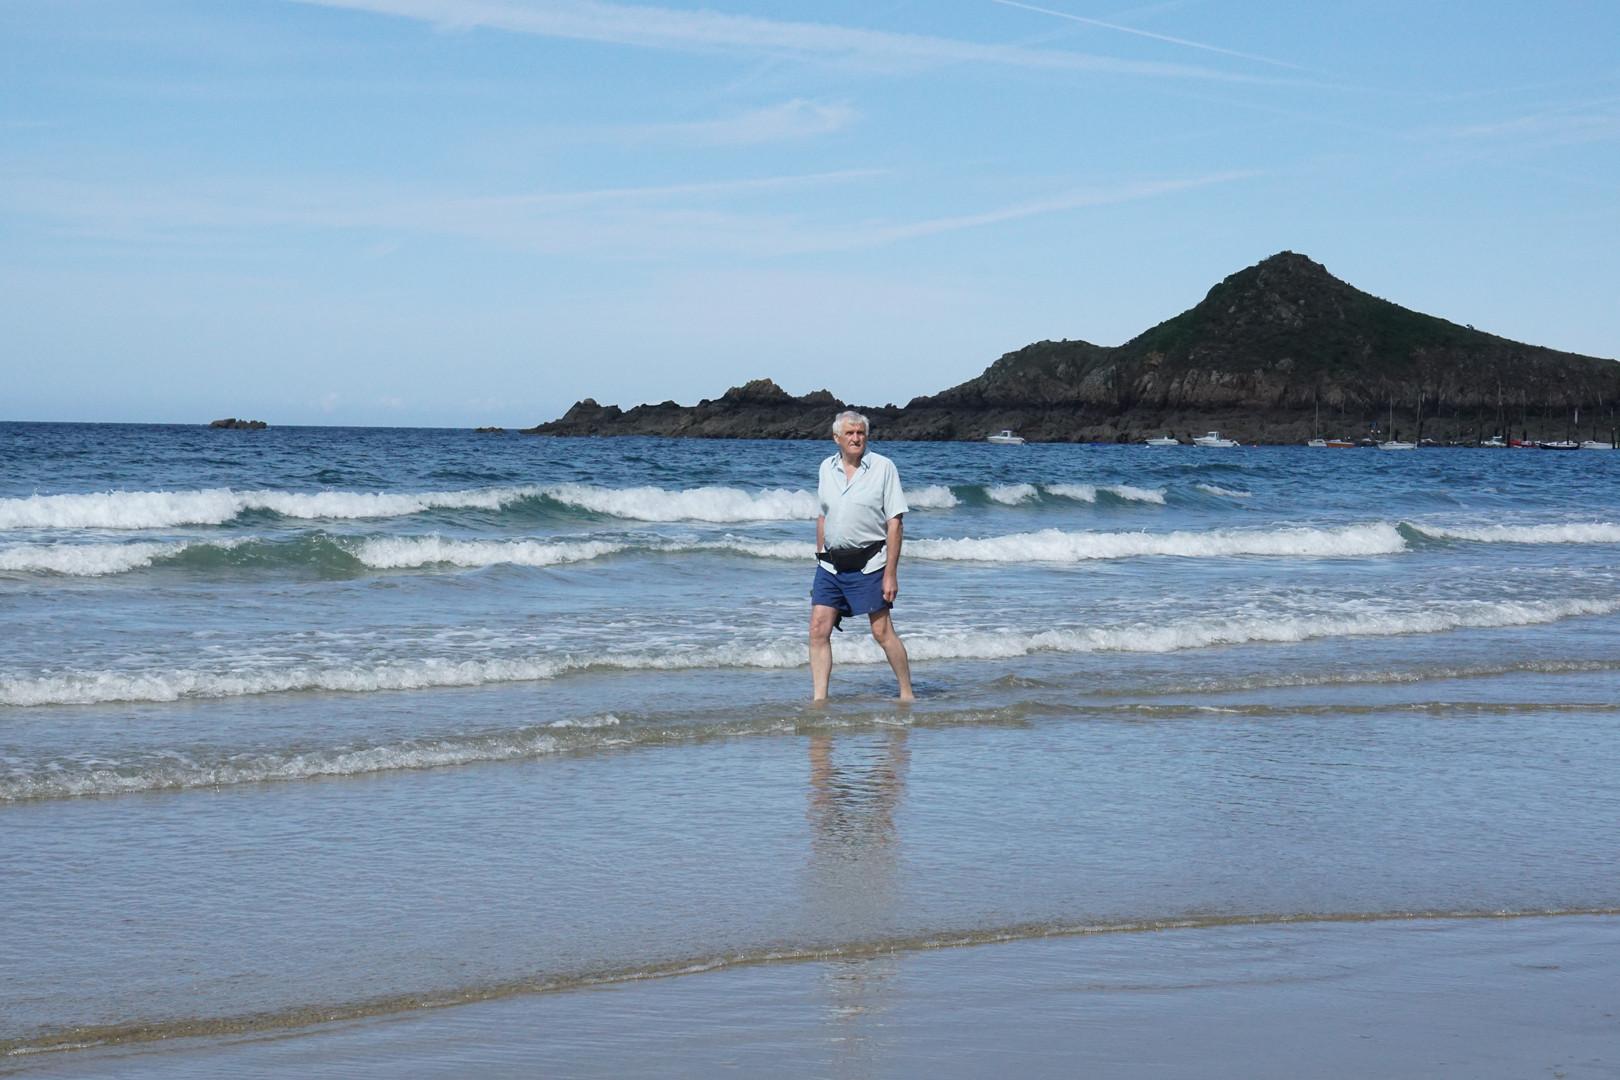 Profitez de la plage à Plouha